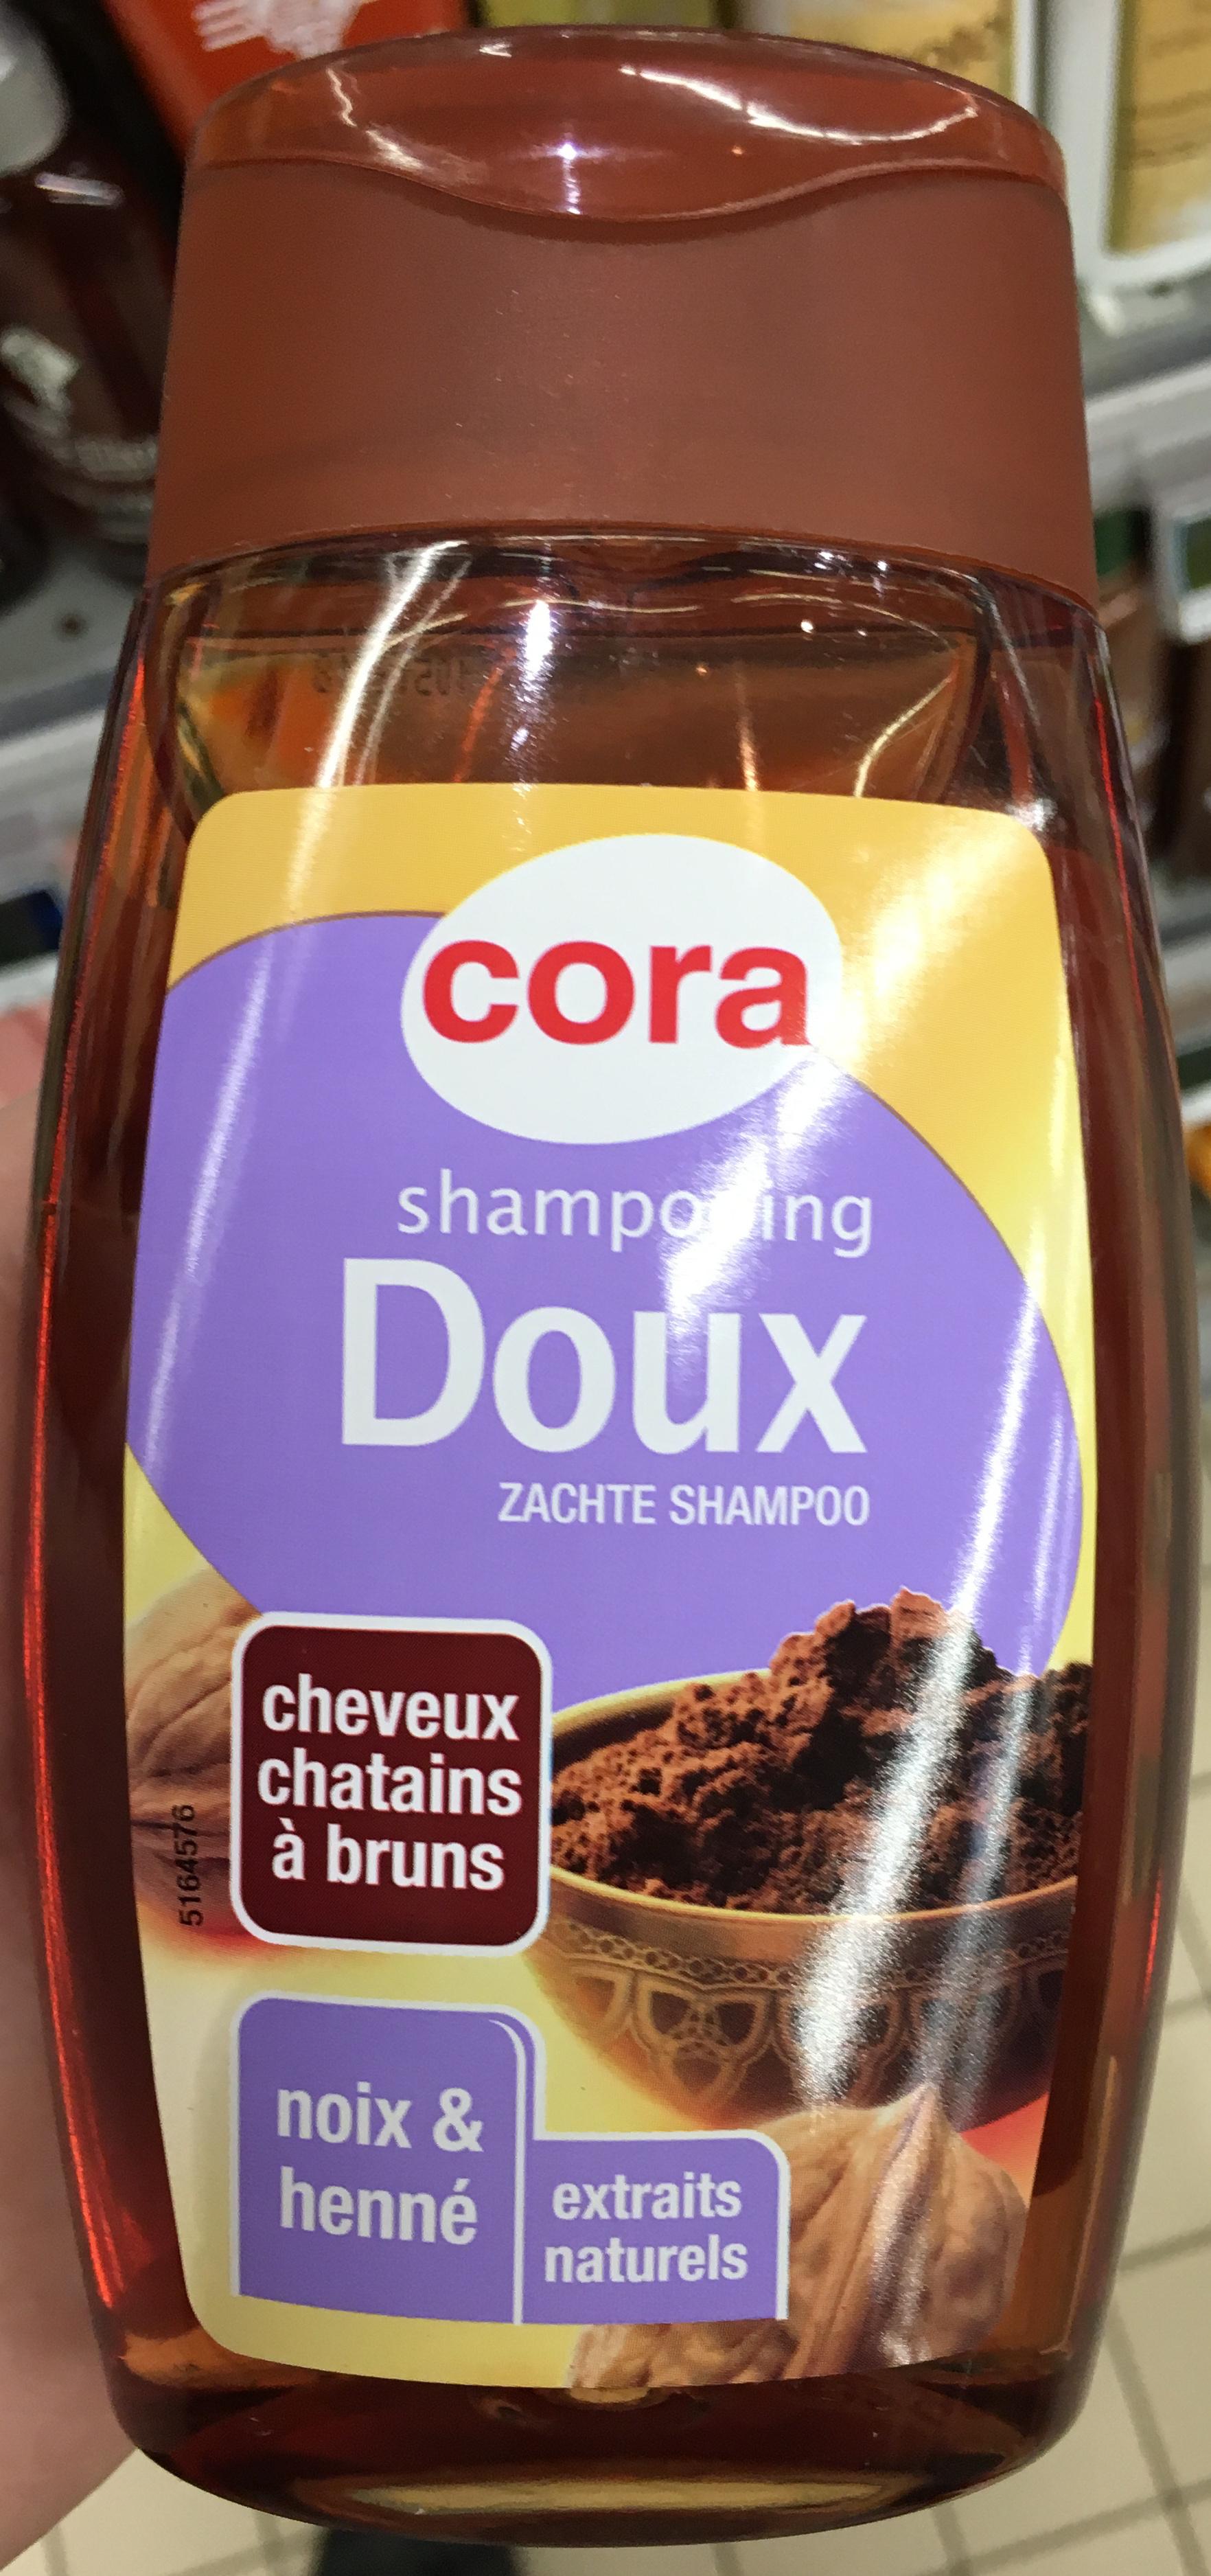 Shampooing doux Cheveux chatains à bruns Noix & Henné - Product - fr